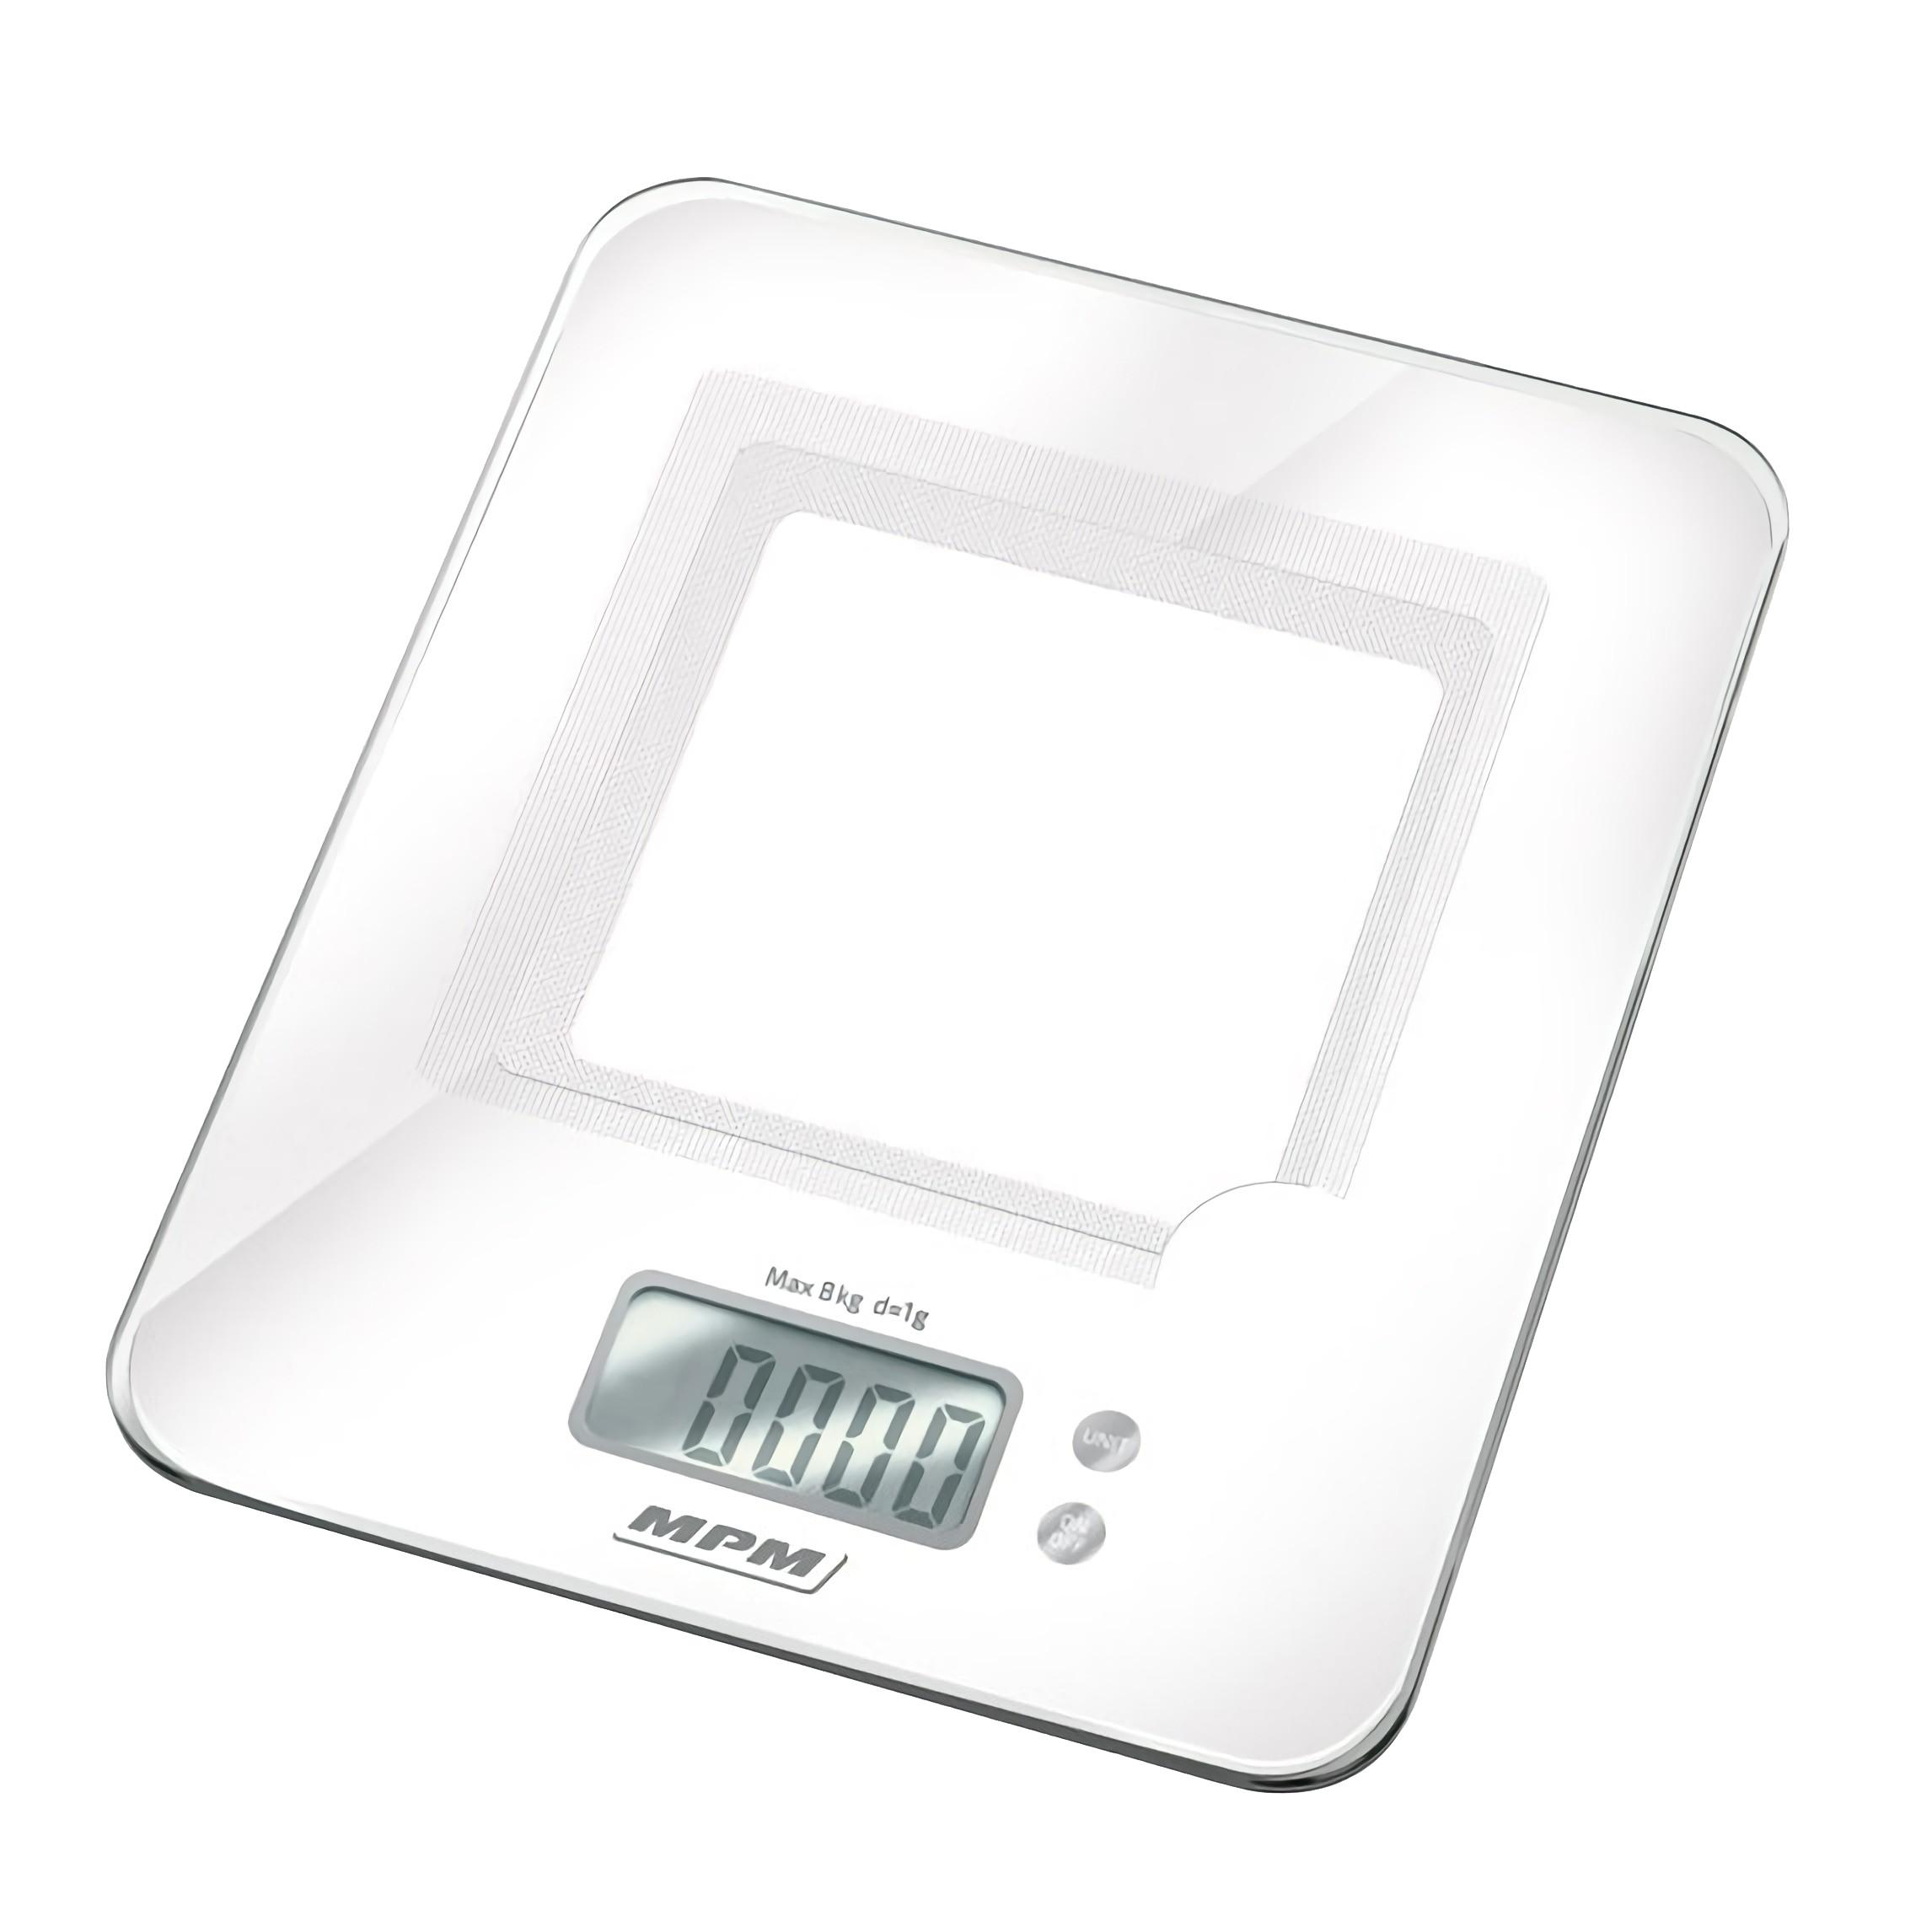 MPM MWK-03 Báscula de cocina digital, pesa alimentos hasta 8Kg, alta precisión pasos 1g , display LCD multifunción, función tara